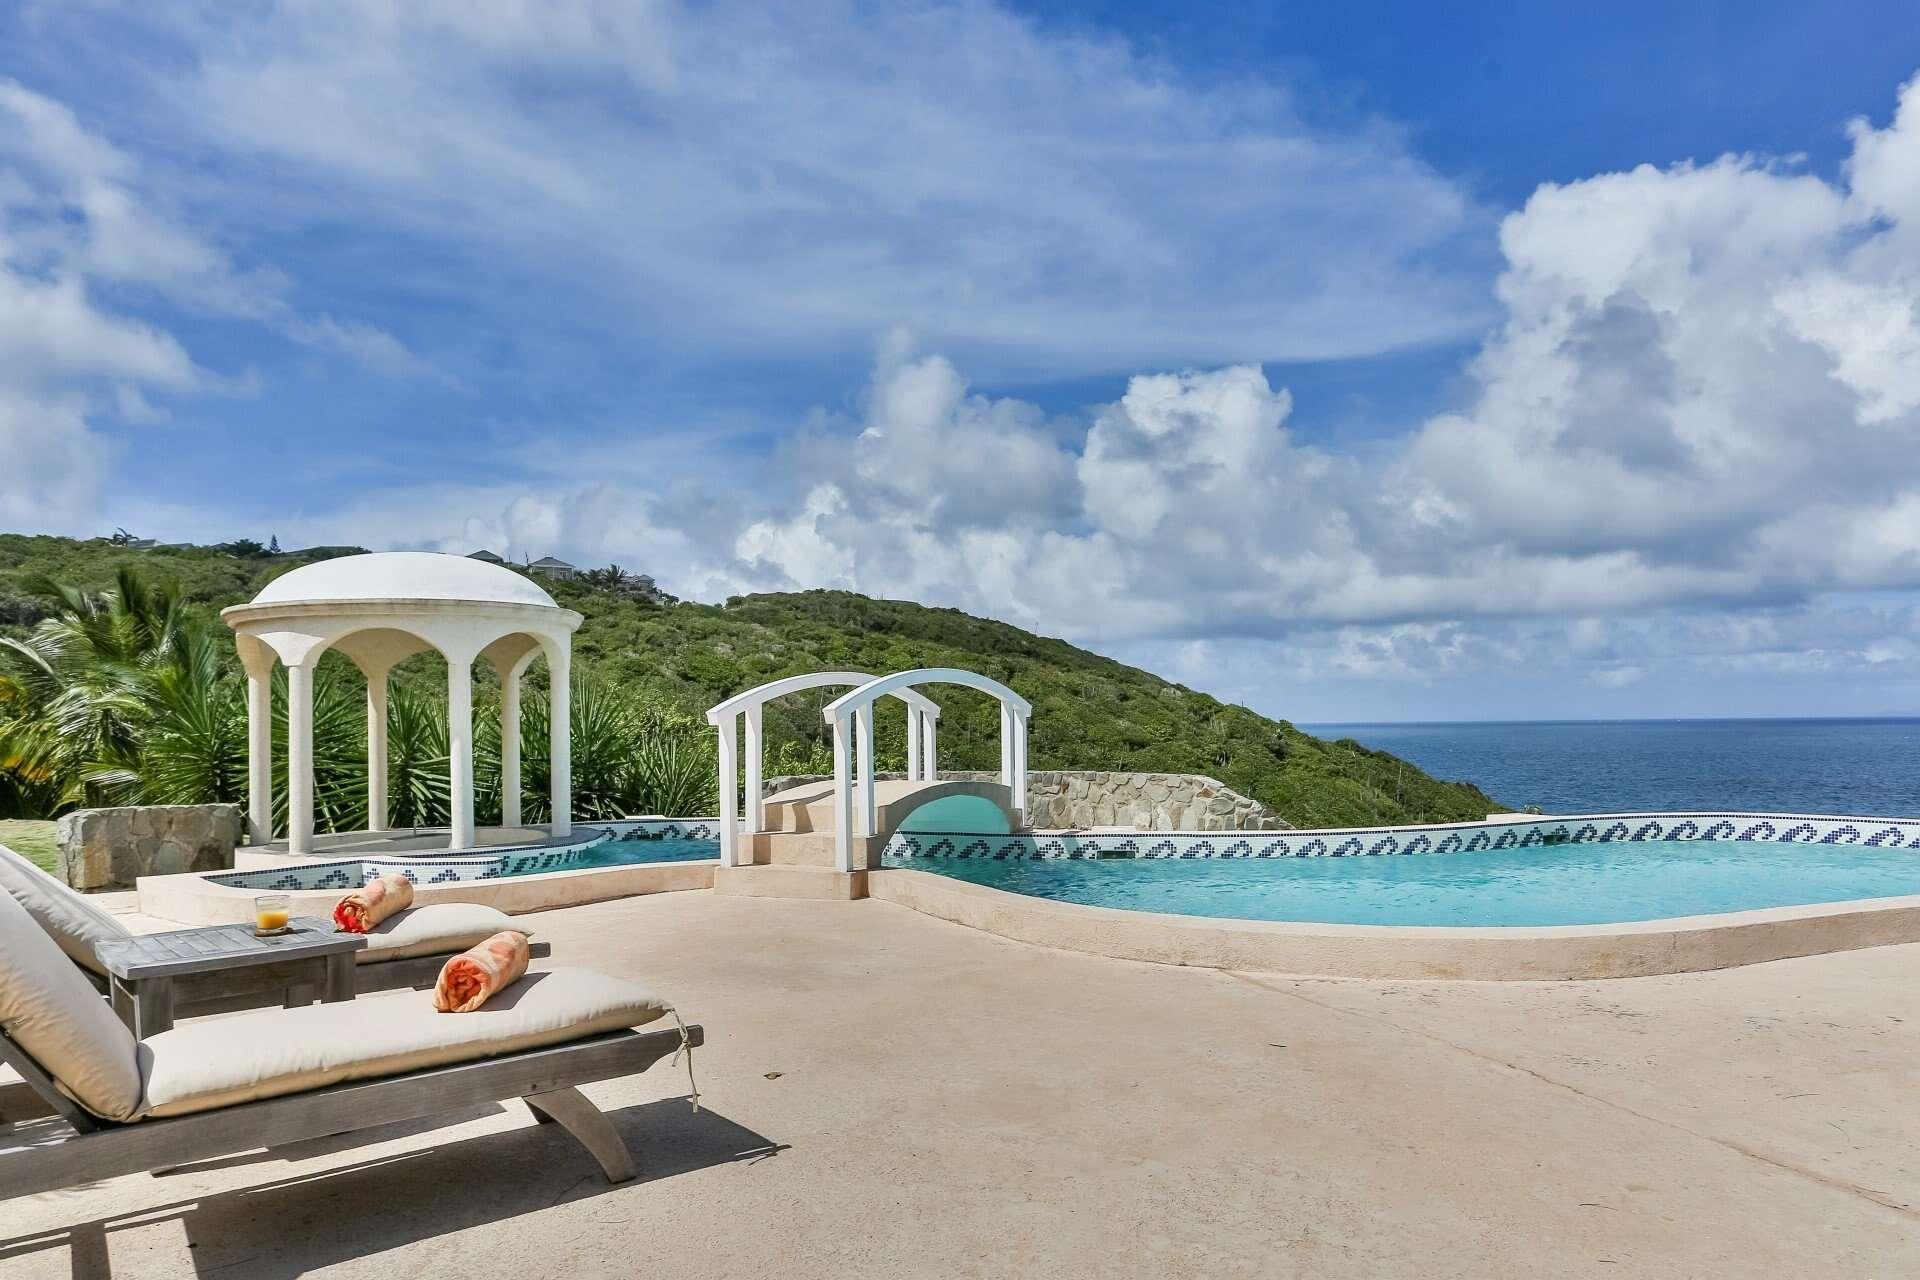 Luxury villa rentals caribbean - St lucia - Cap estate sl - Sea breezehills - Equinox - Image 1/14